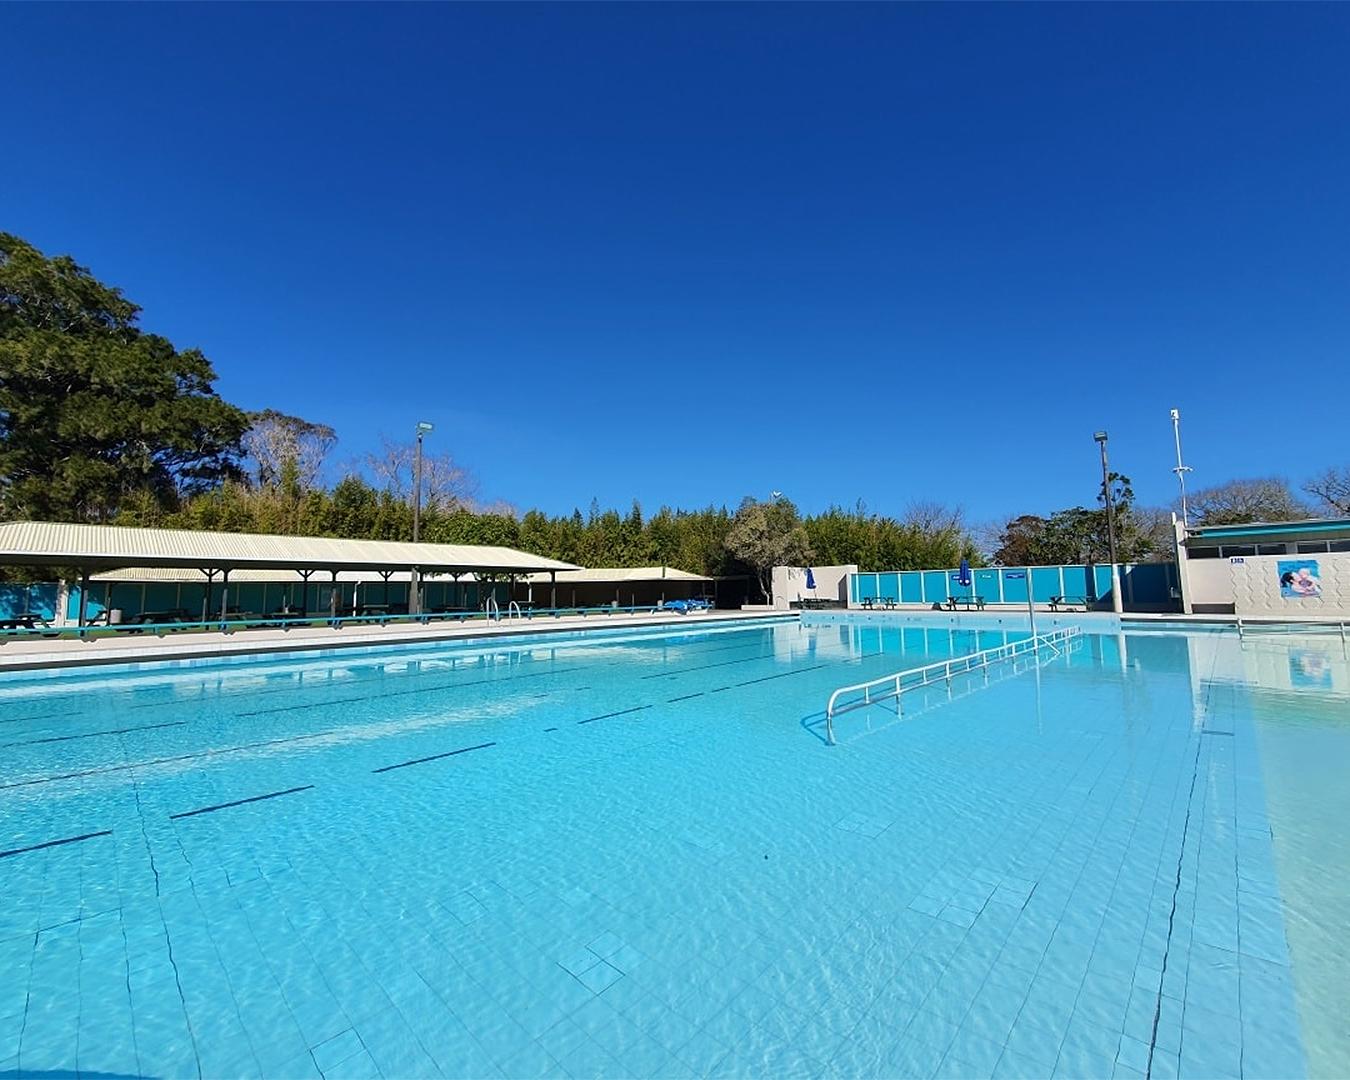 A view of the inviting pool at Parakai Springs.